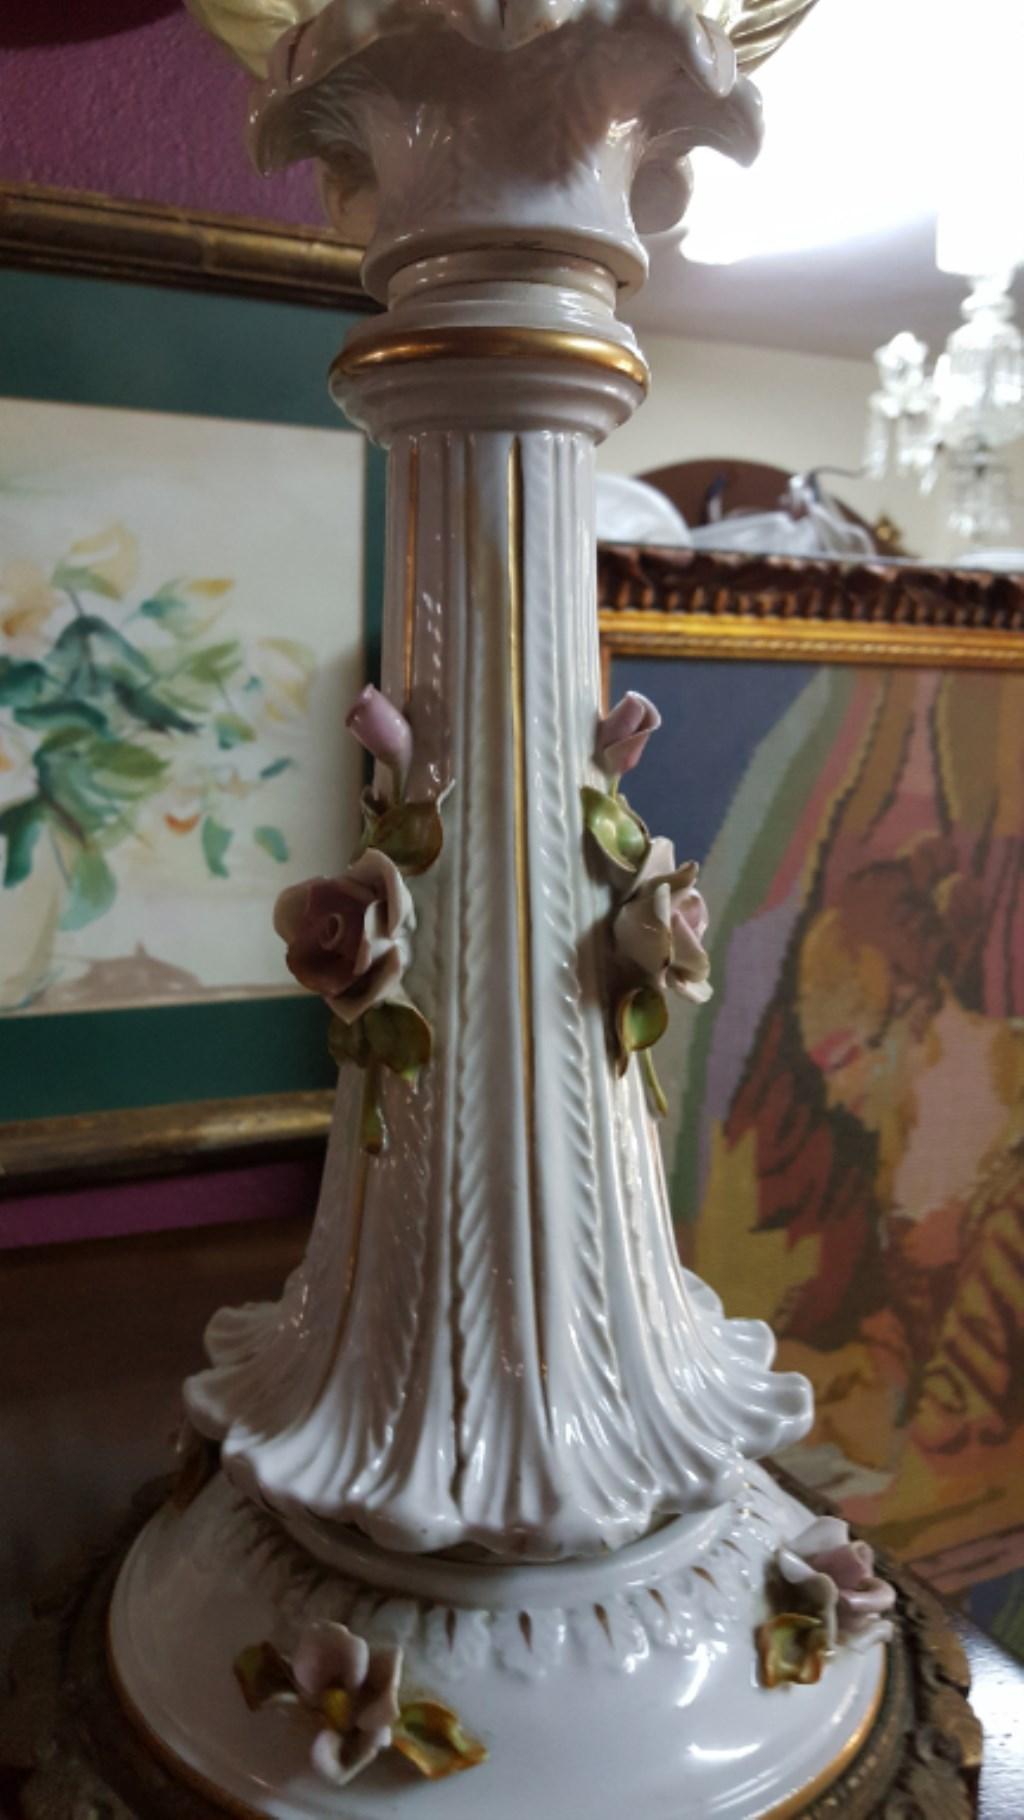 Antika İtalyan Cappidomonte porselen pirinç ayaklı 2 adet abajur resmi